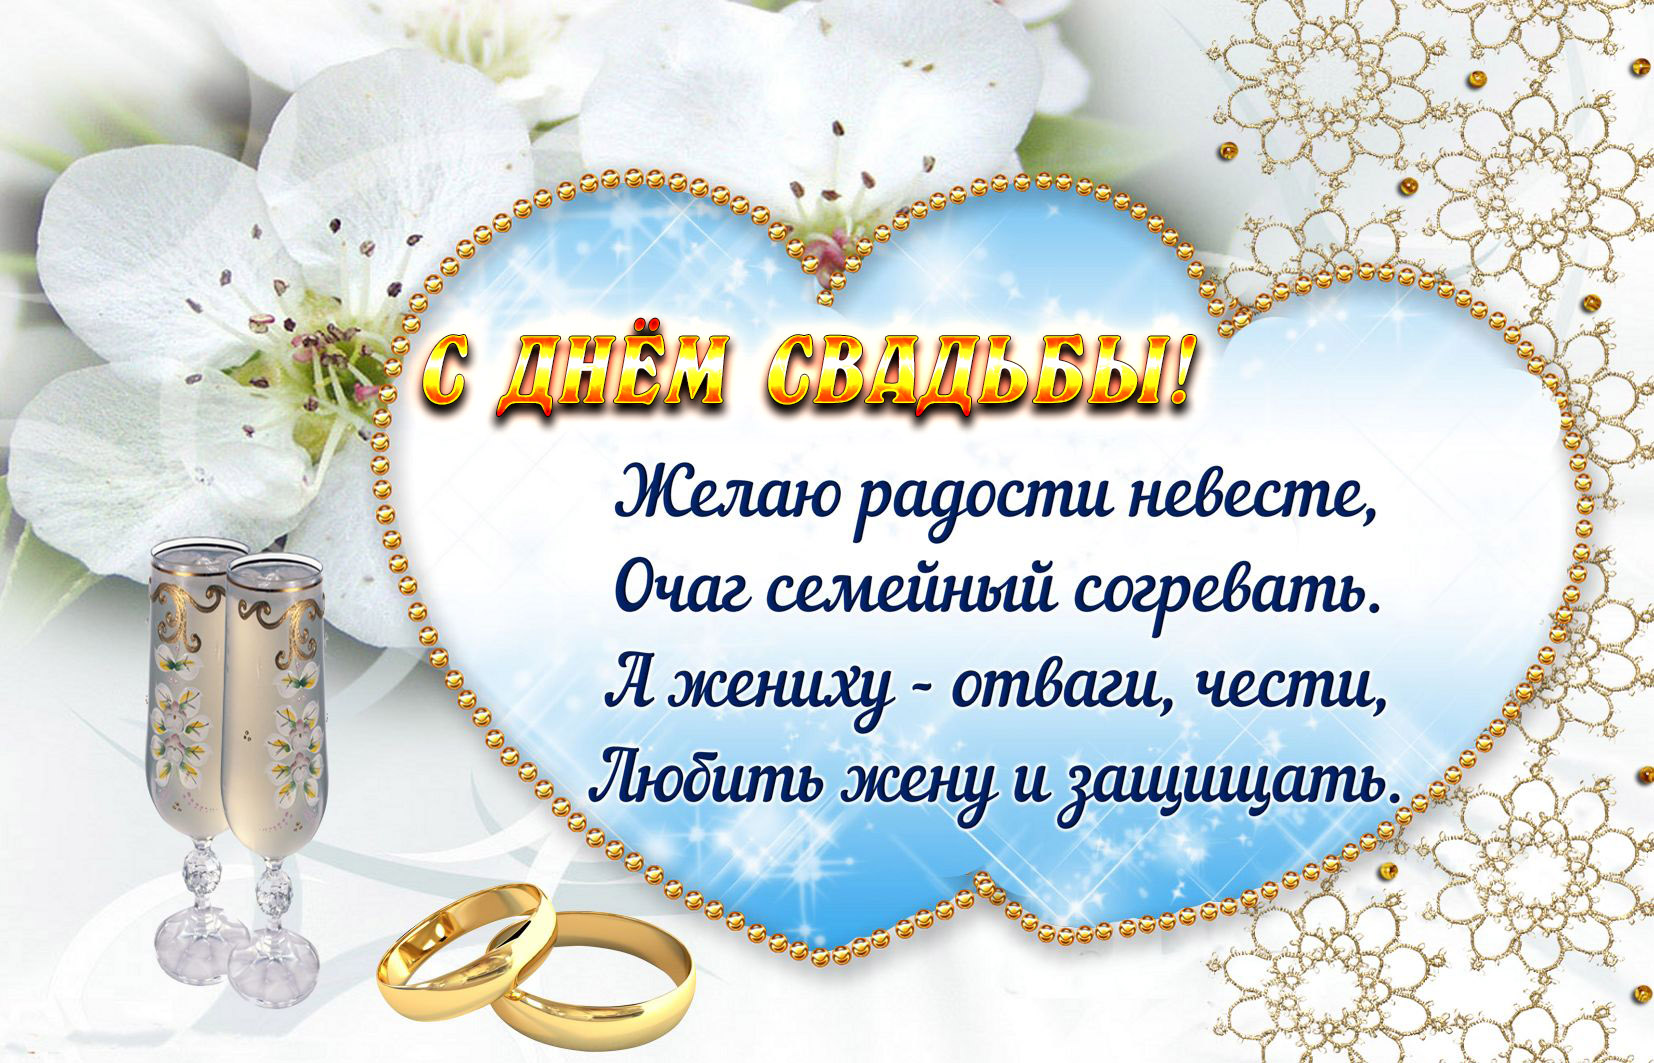 Прикольные поздравления на свадьбу четверостишие